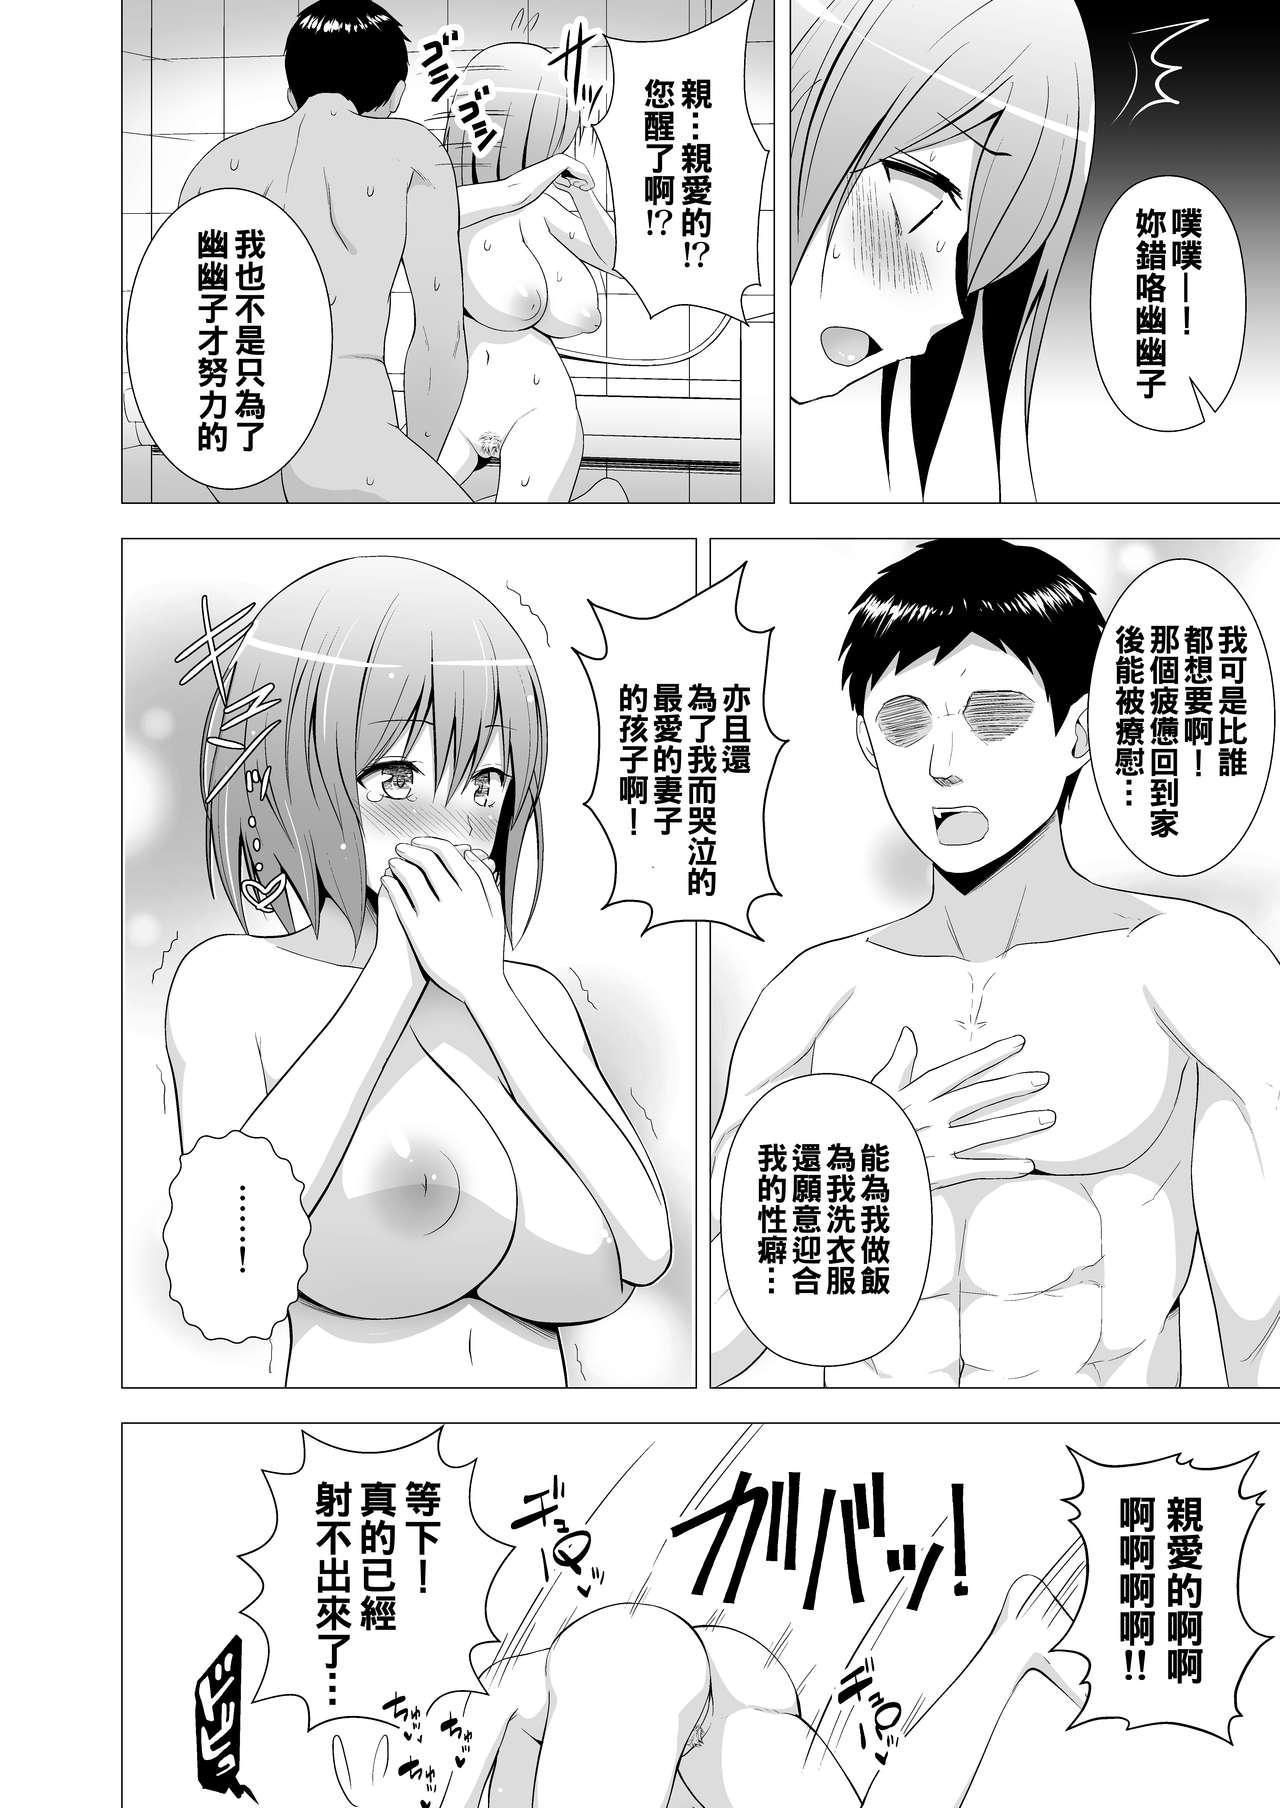 Niizuma Yuyuko-sama ga Hitasura Tsukushite Amayakashitekureru Hanashi 23